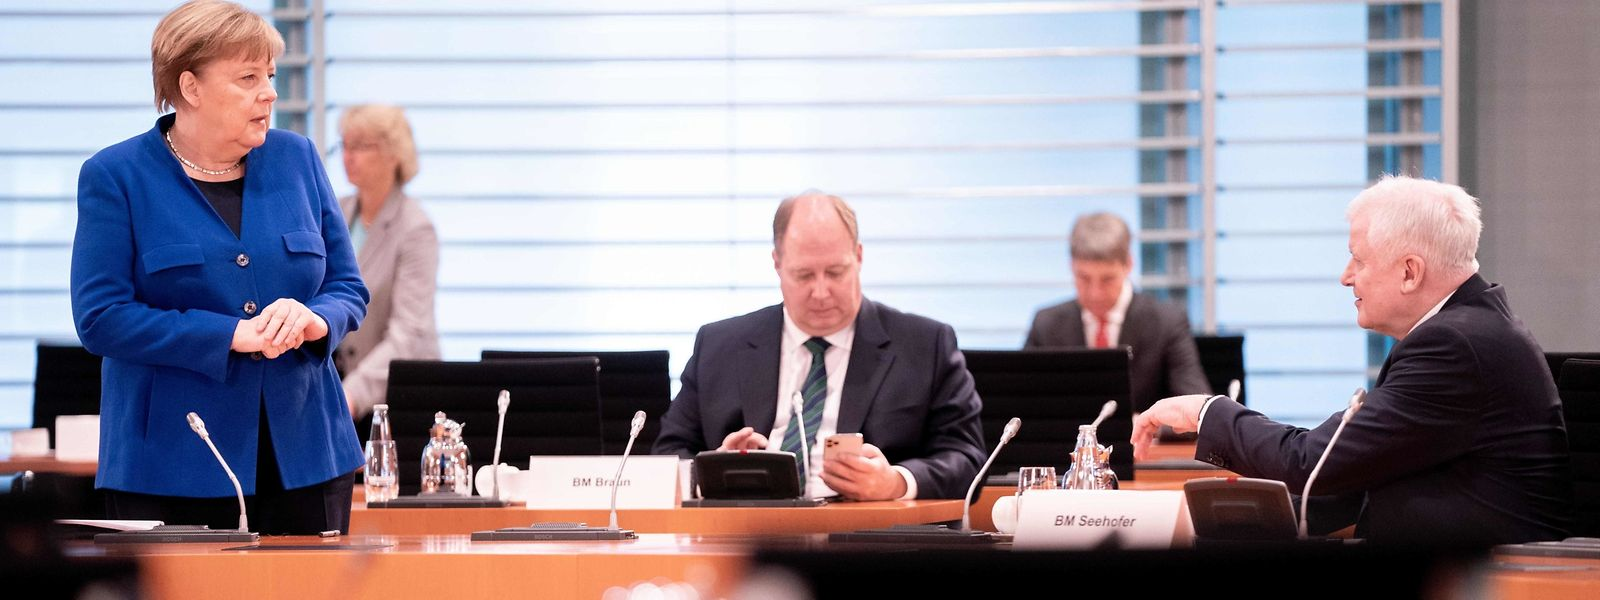 Regierungssitzung in Berlin: Kanzlerin Angela Merkel (CDU) im Gespräch mit Innenminister Horst Seehofer (CSU, r.).